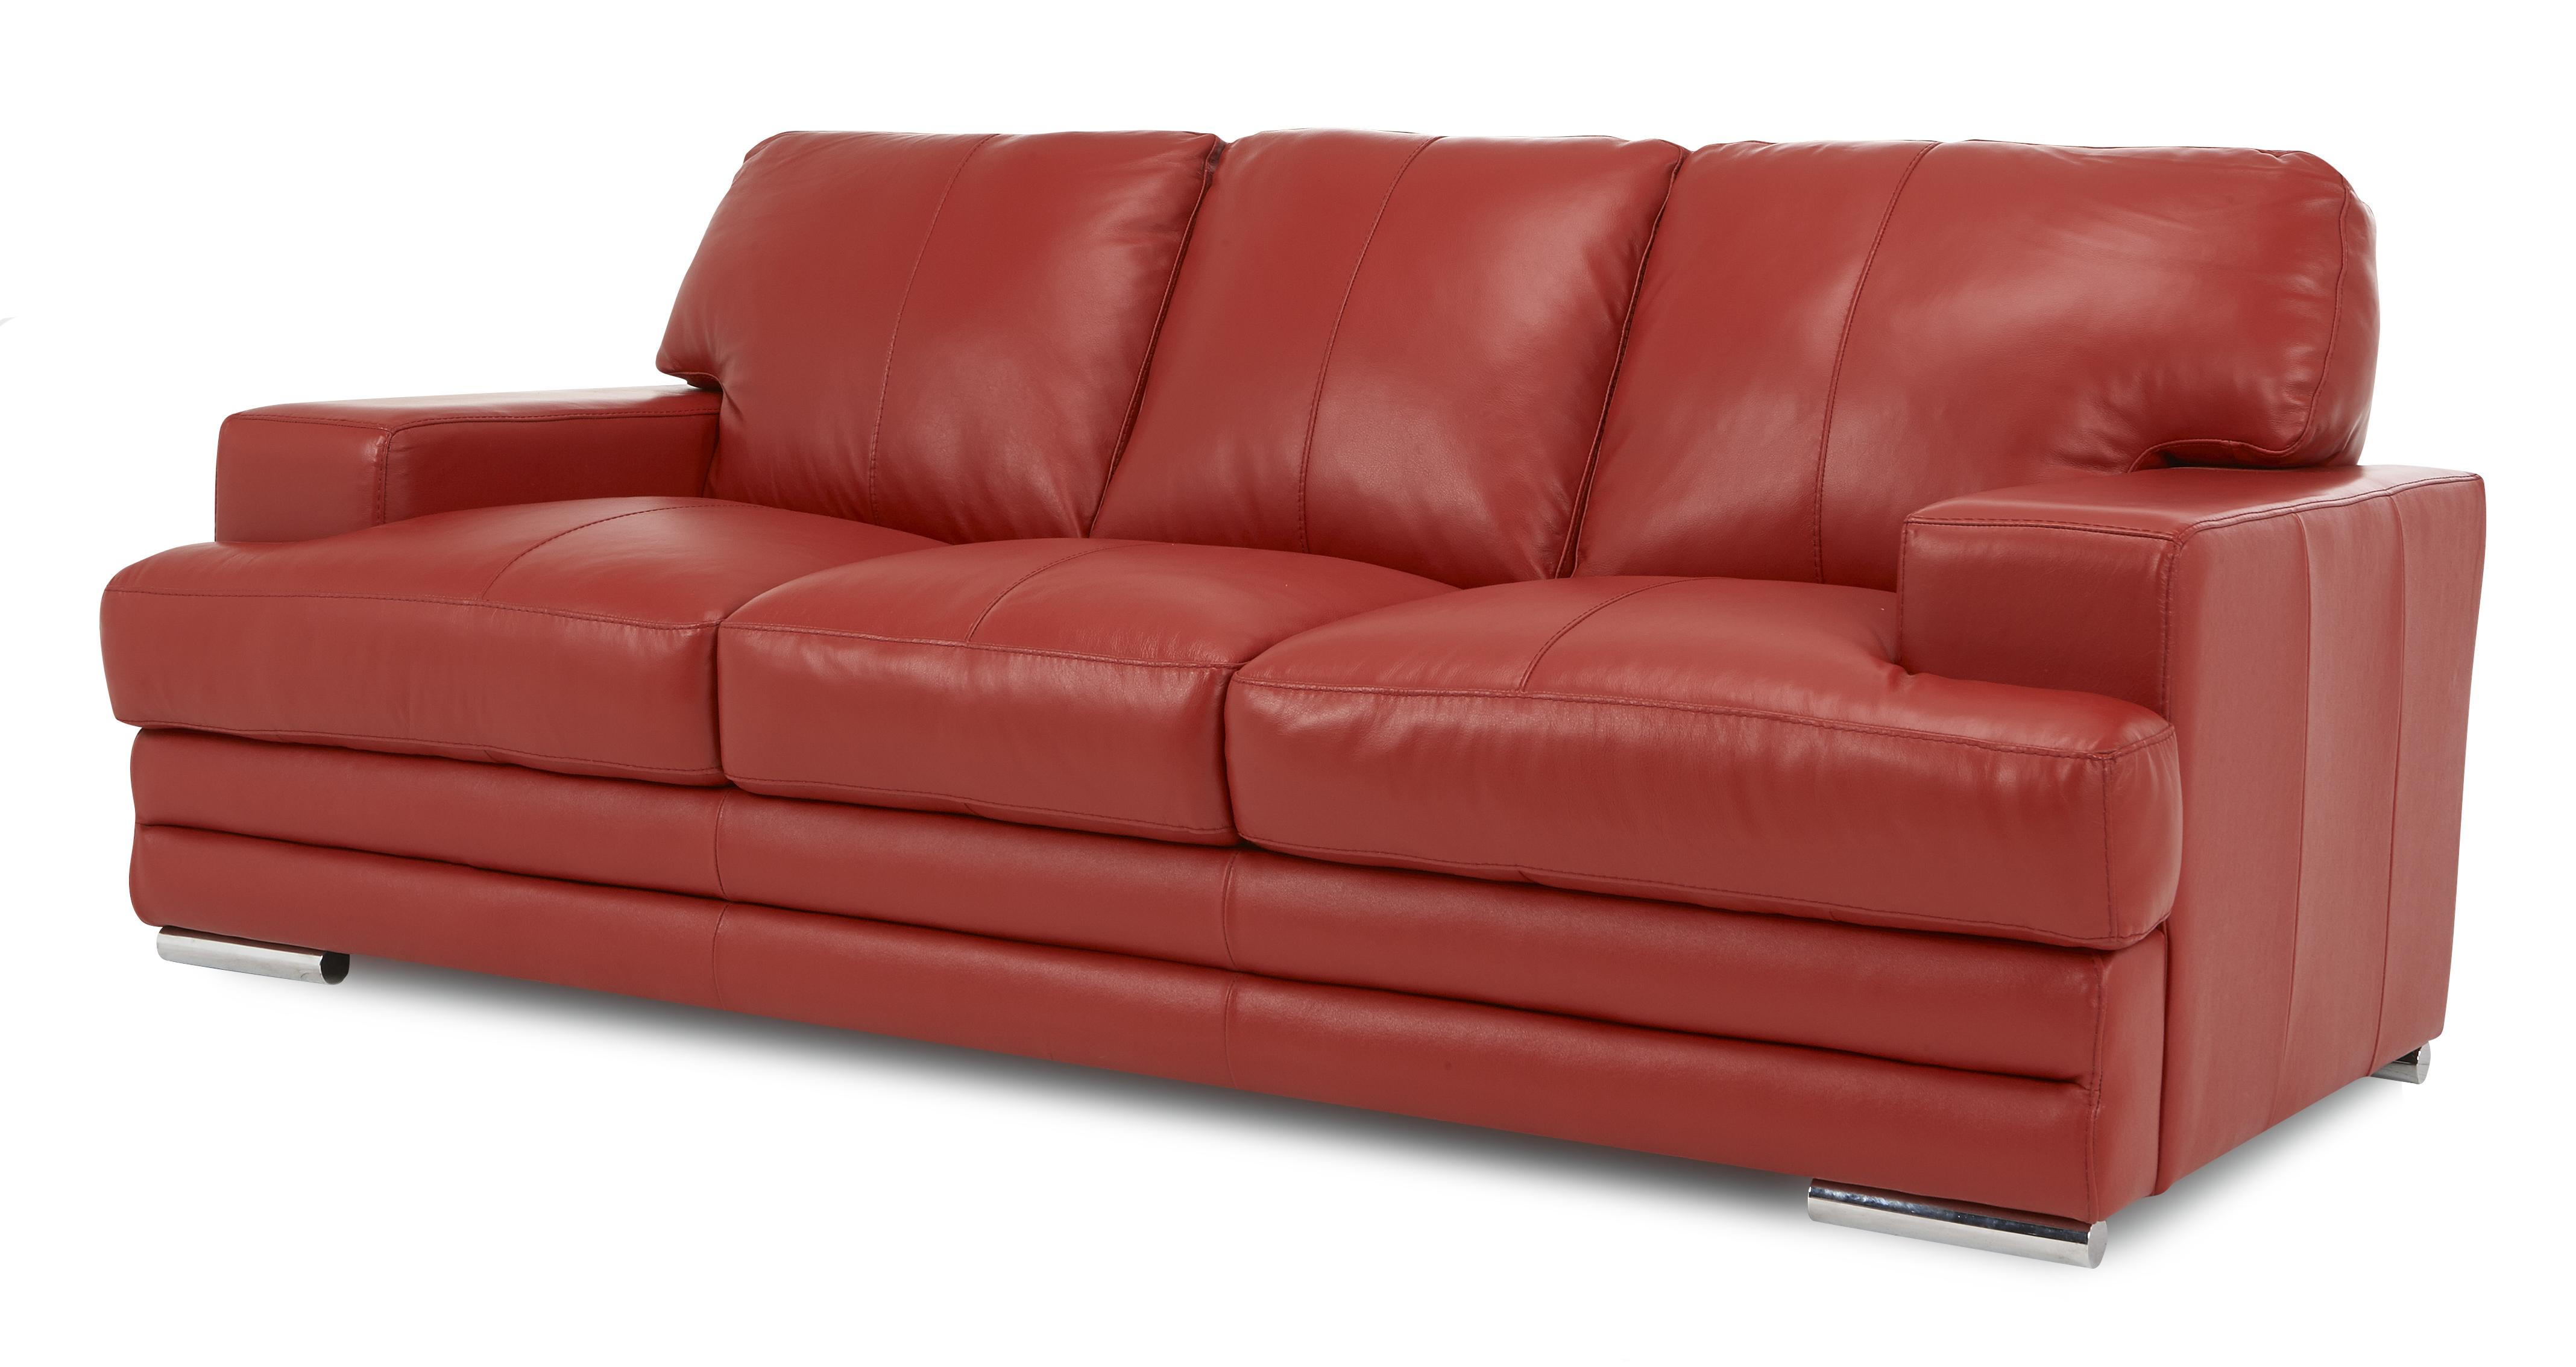 Sofas On Finance No Deposit Uk picture on 3 seater sofa venezia 100116216p  1 with Sofas On Finance No Deposit Uk, sofa 7b3ab9e2d4fa8d1d199173a29383b61e